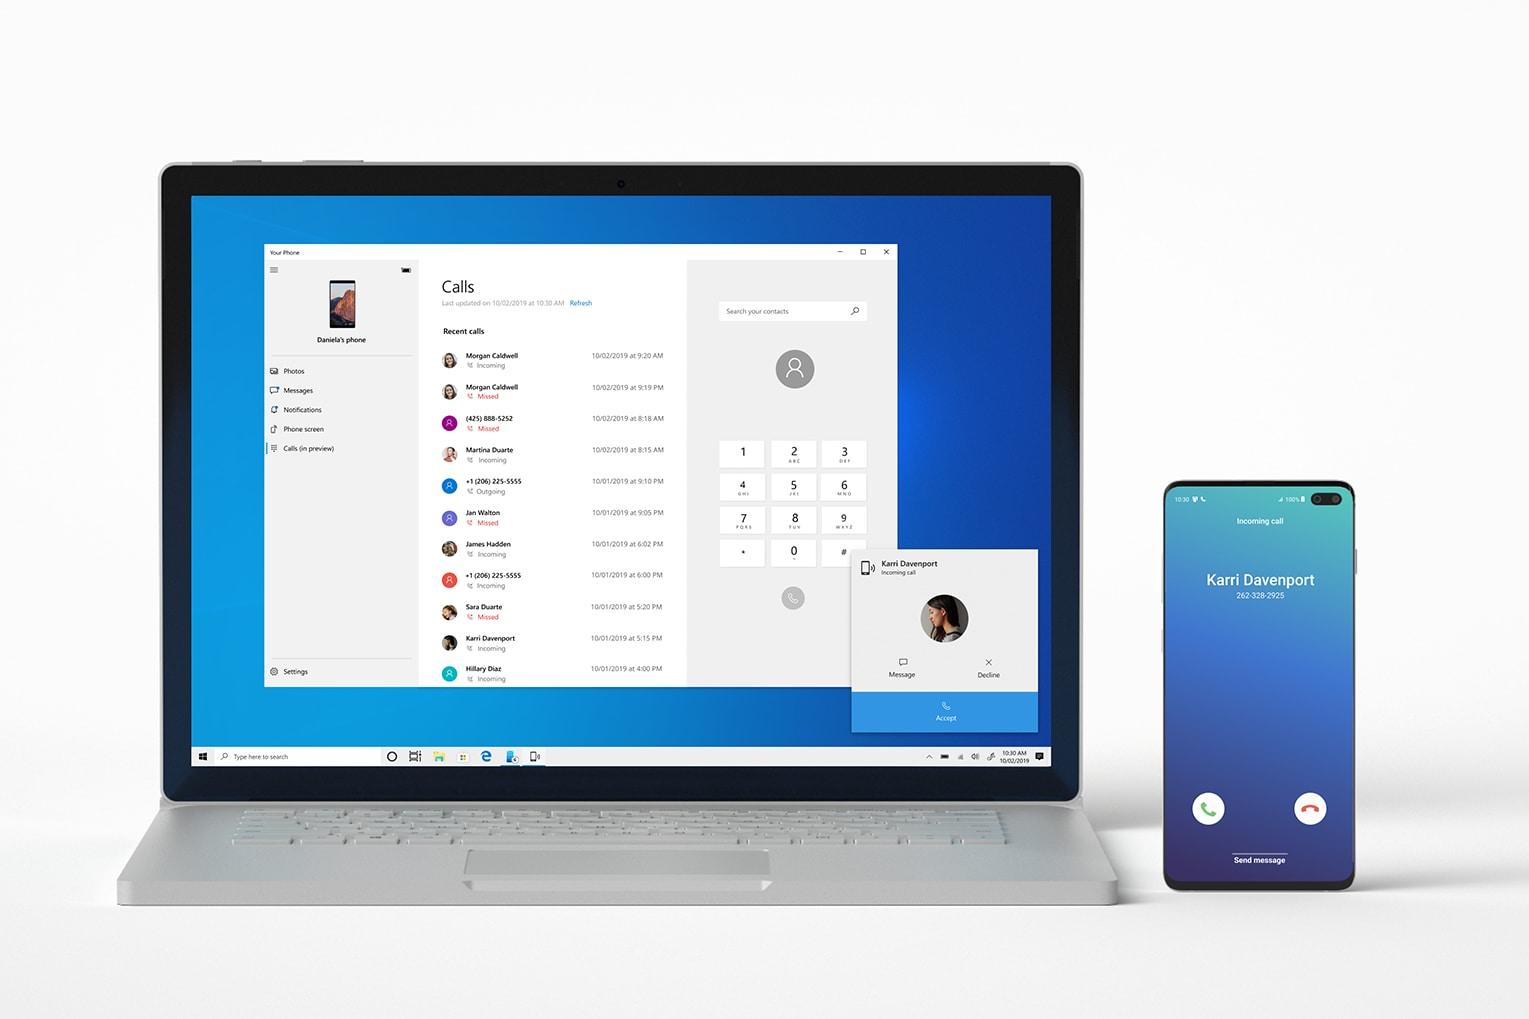 Người dùng Android đã có thể nhận và trả lời cuộc gọi trên máy tính chạy Windows 10